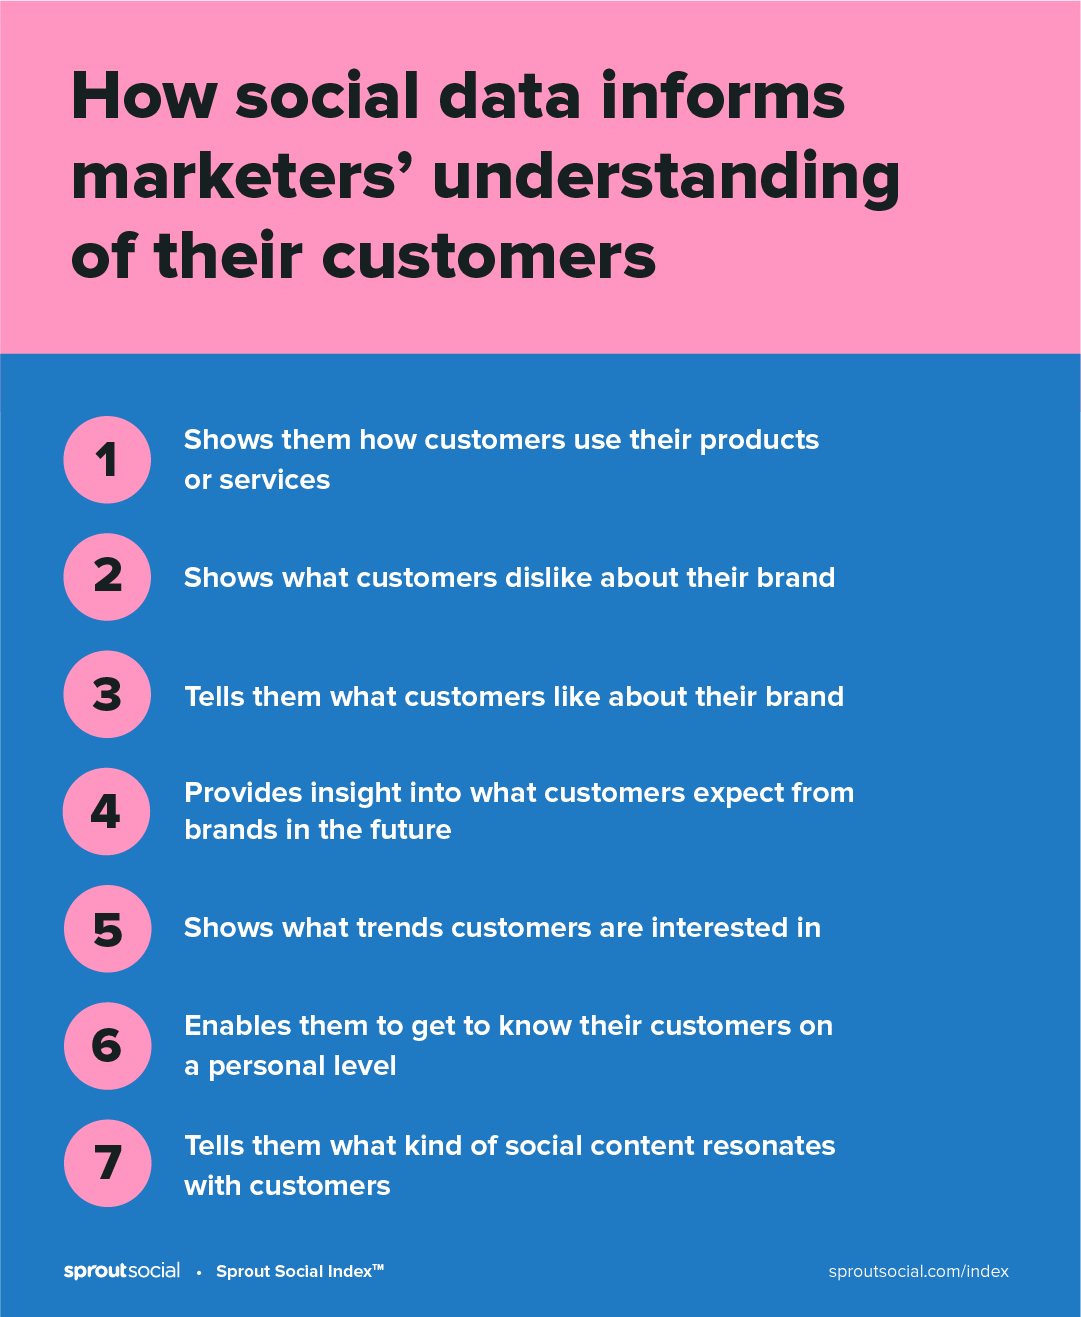 Gráfico rosa y azul que muestra cómo los datos sociales informan a los especialistas en marketing sobre la comprensión de sus clientes, por rango.